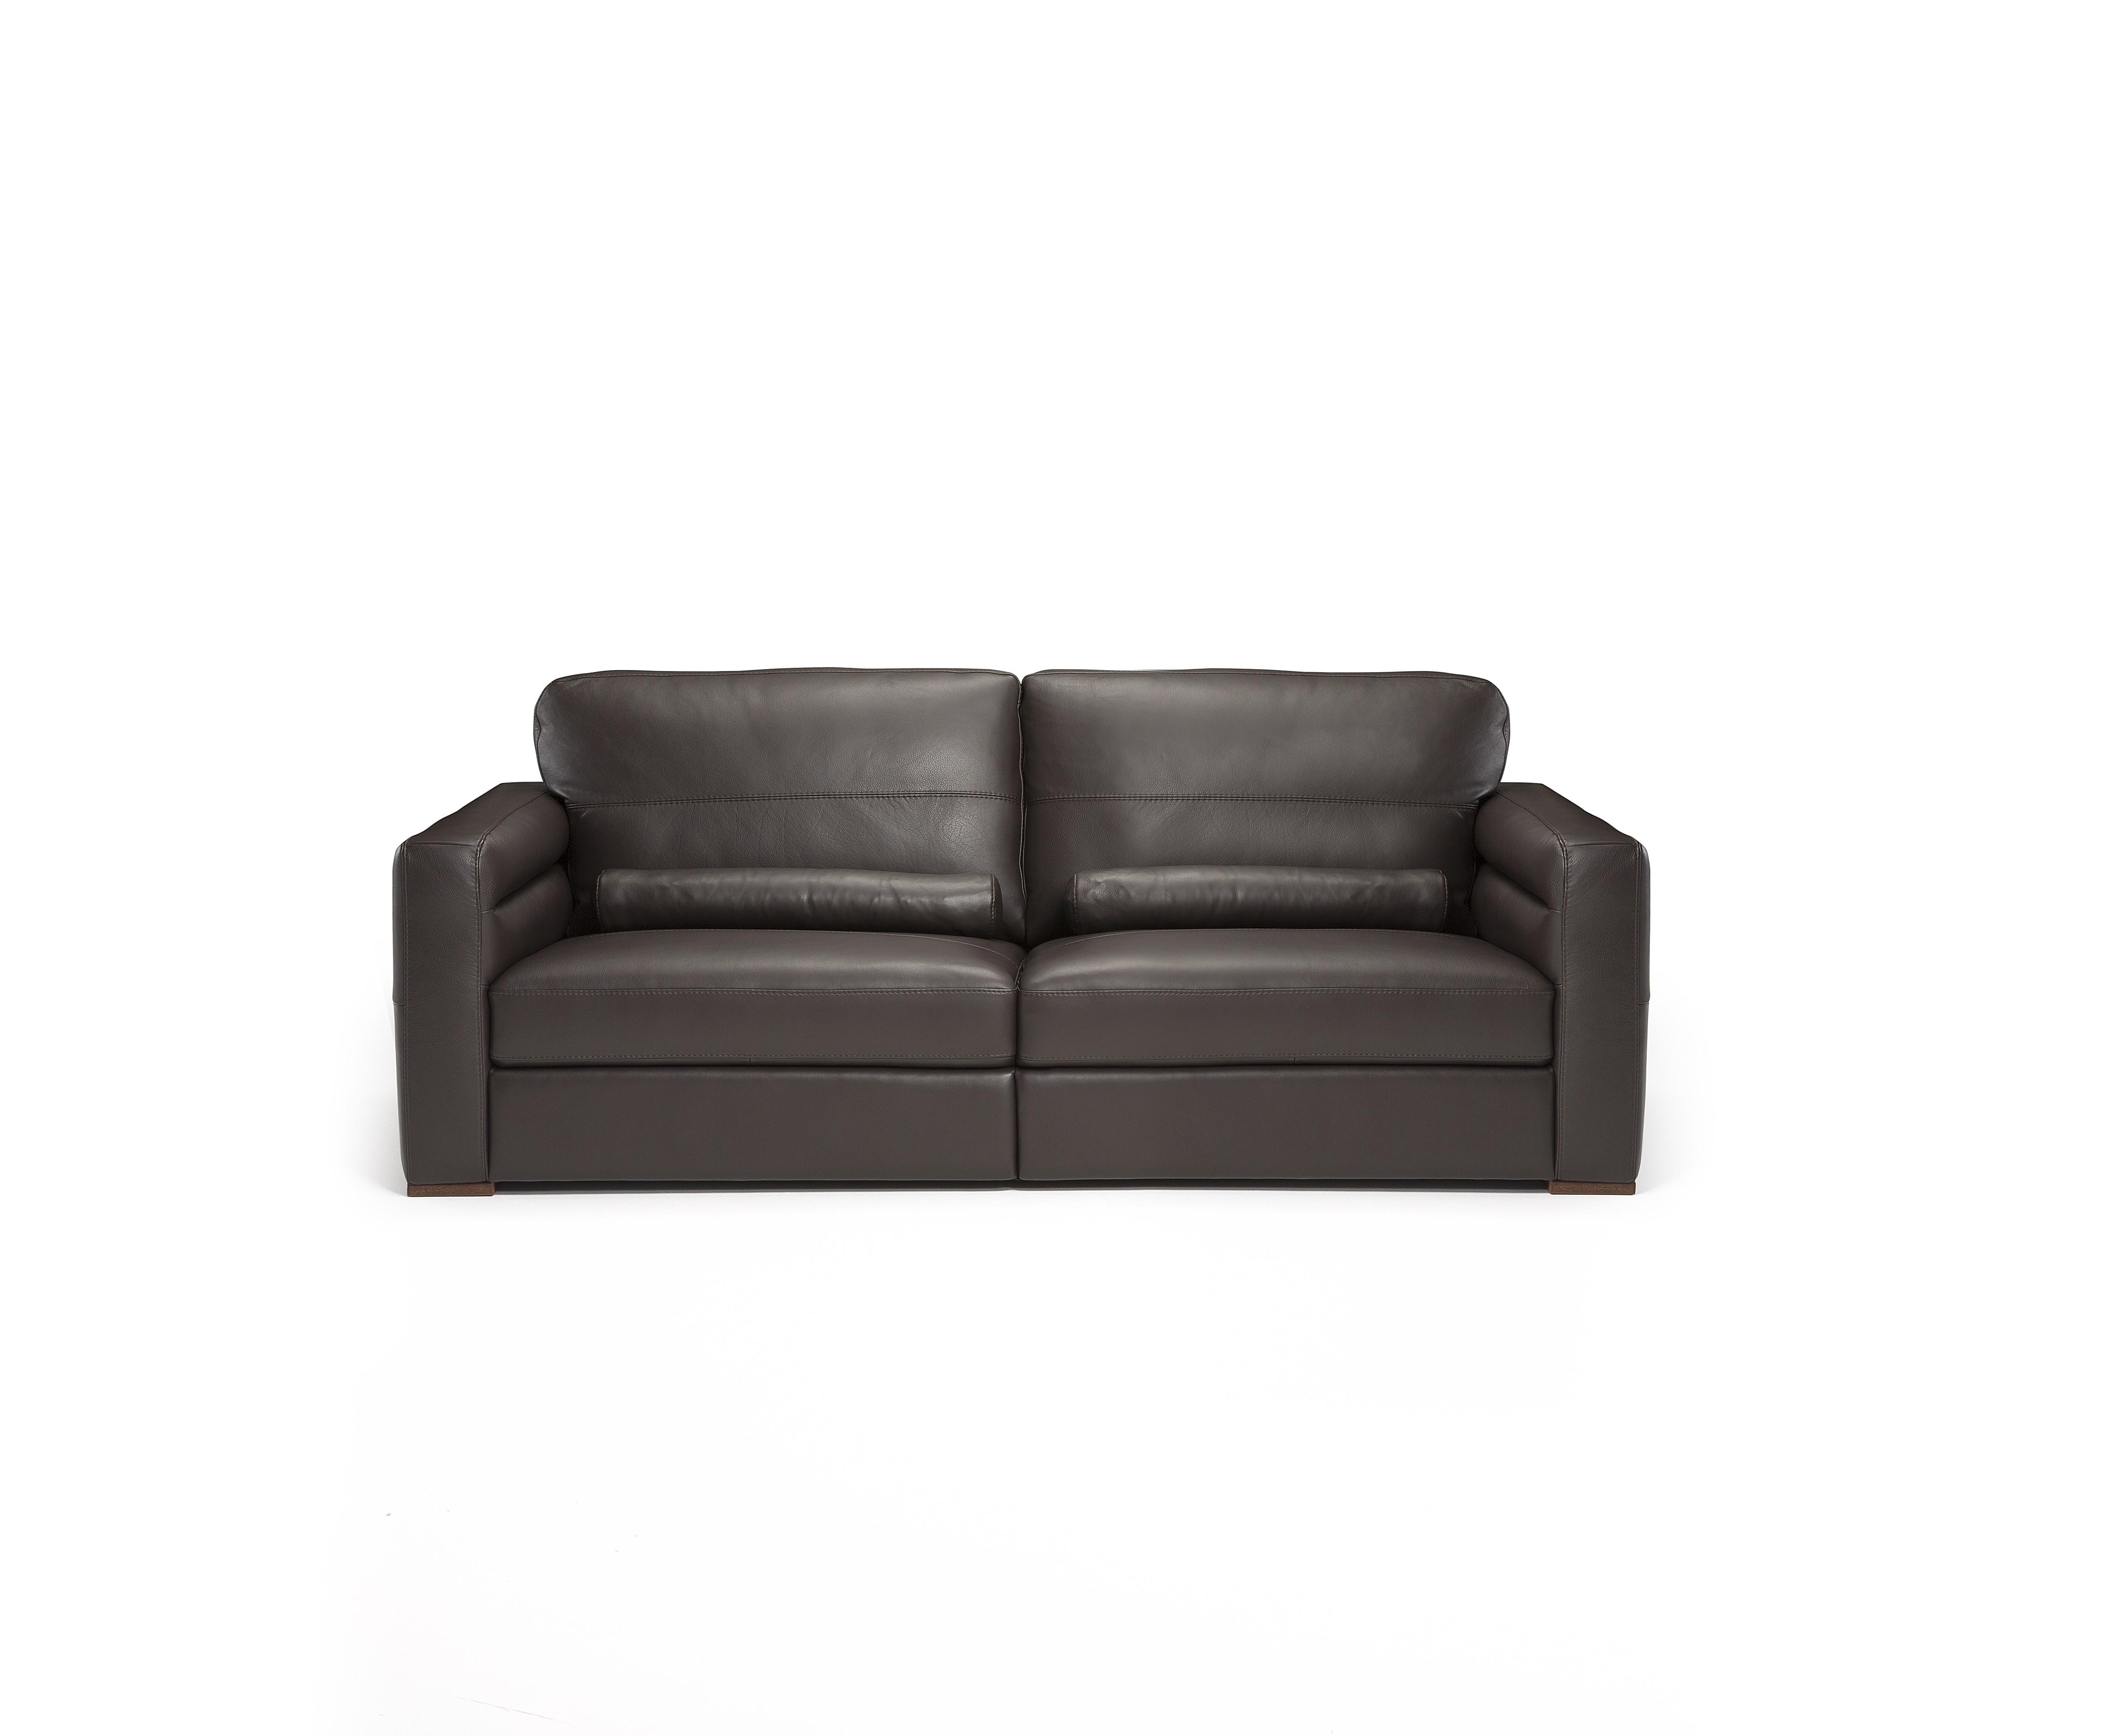 Marinelli david italian leather sofa for Italian leather sofa